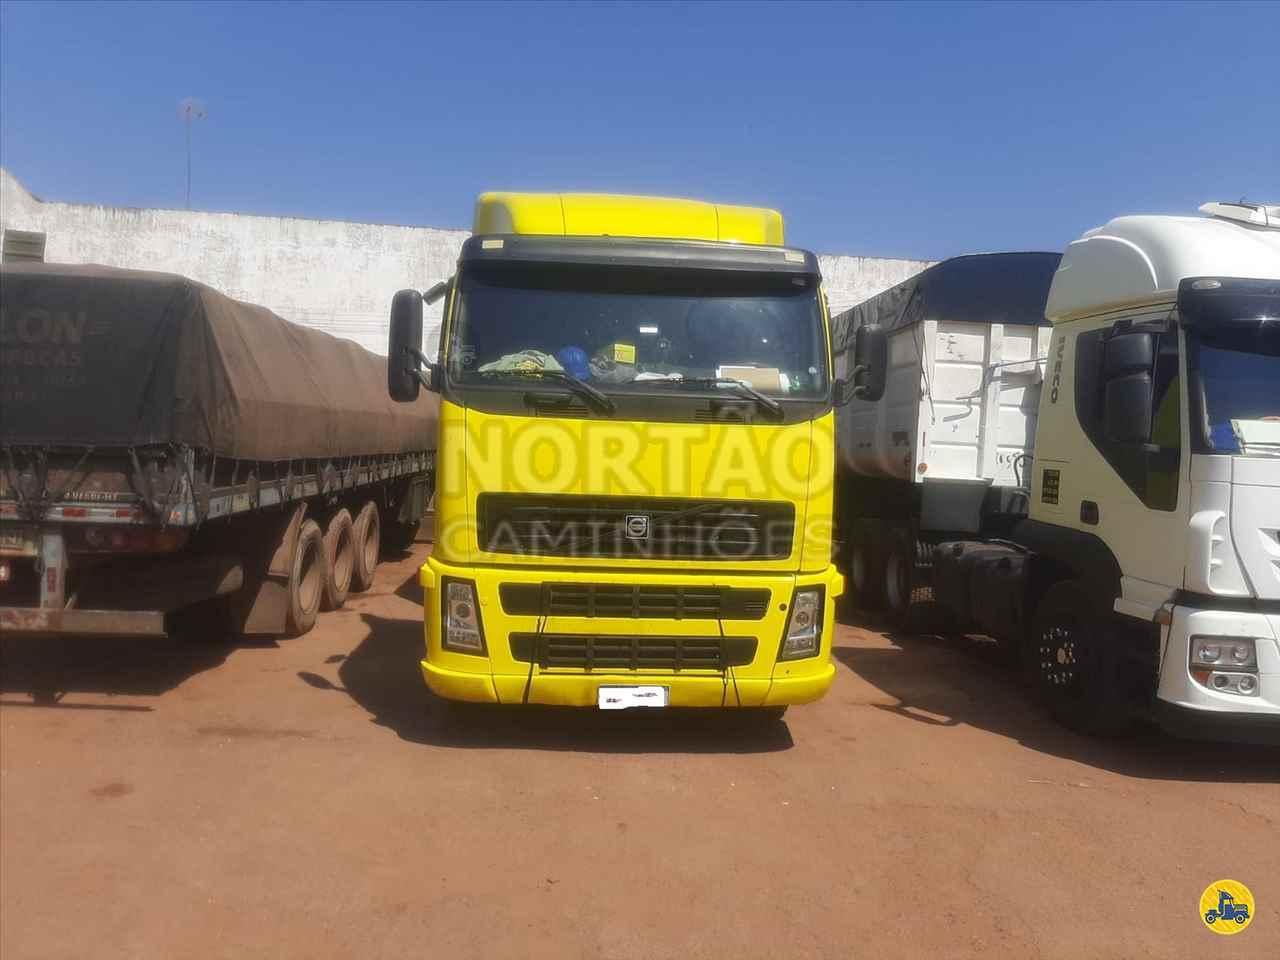 CAMINHAO VOLVO VOLVO FH12 380 Graneleiro Truck 6x2 Nortão Caminhões VARZEA GRANDE MATO GROSSO MT